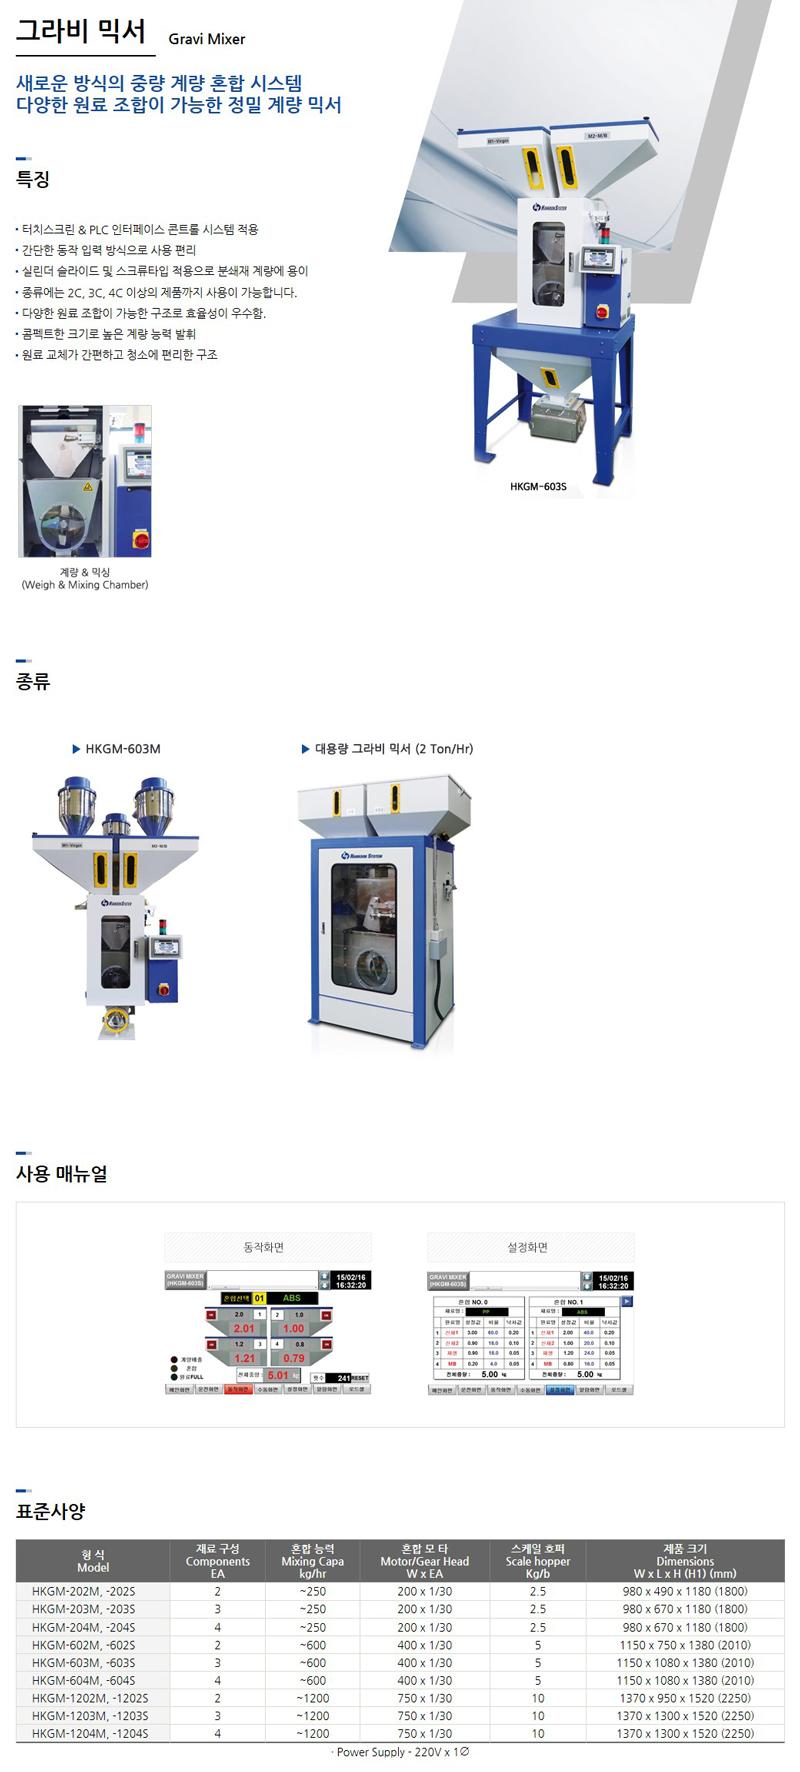 한국시스템(주) 그라비 믹서